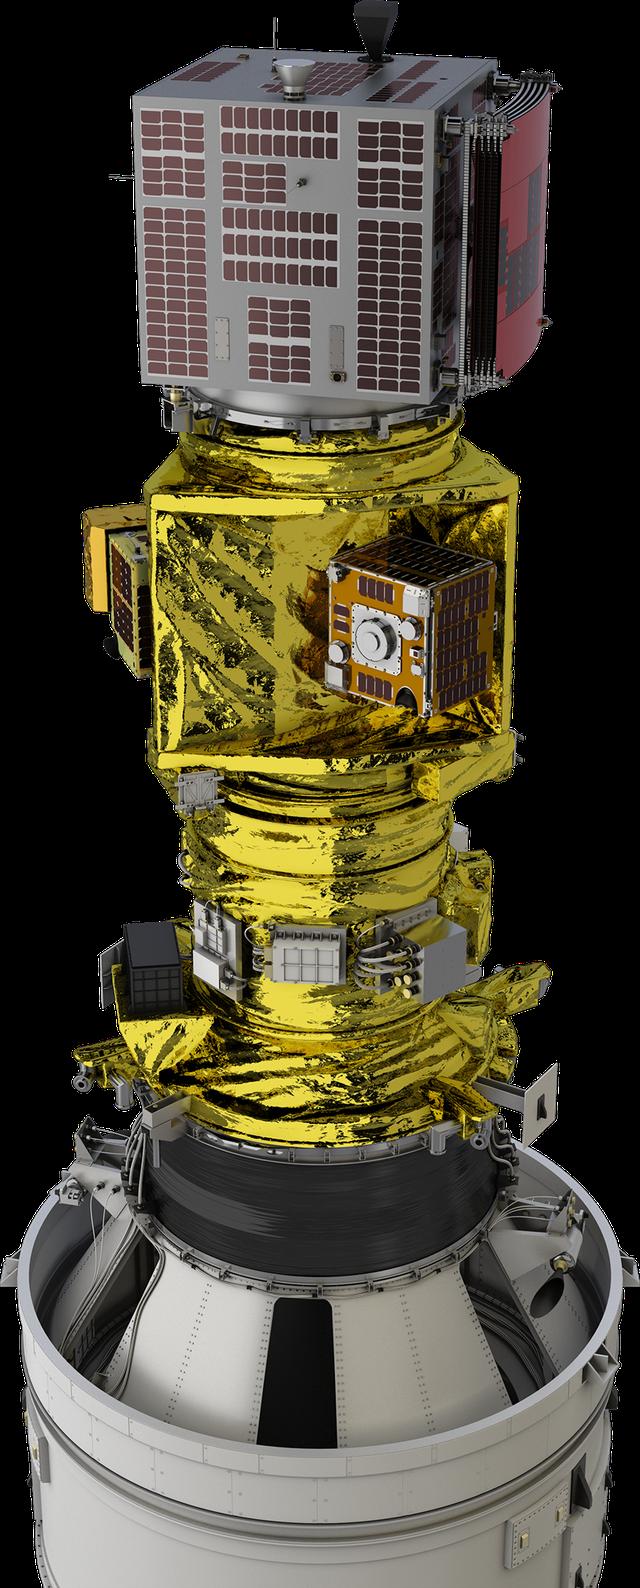 Ngày 18/1: Vệ tinh made in Việt Nam chính thức được phóng lên quỹ đạo - Ảnh 2.